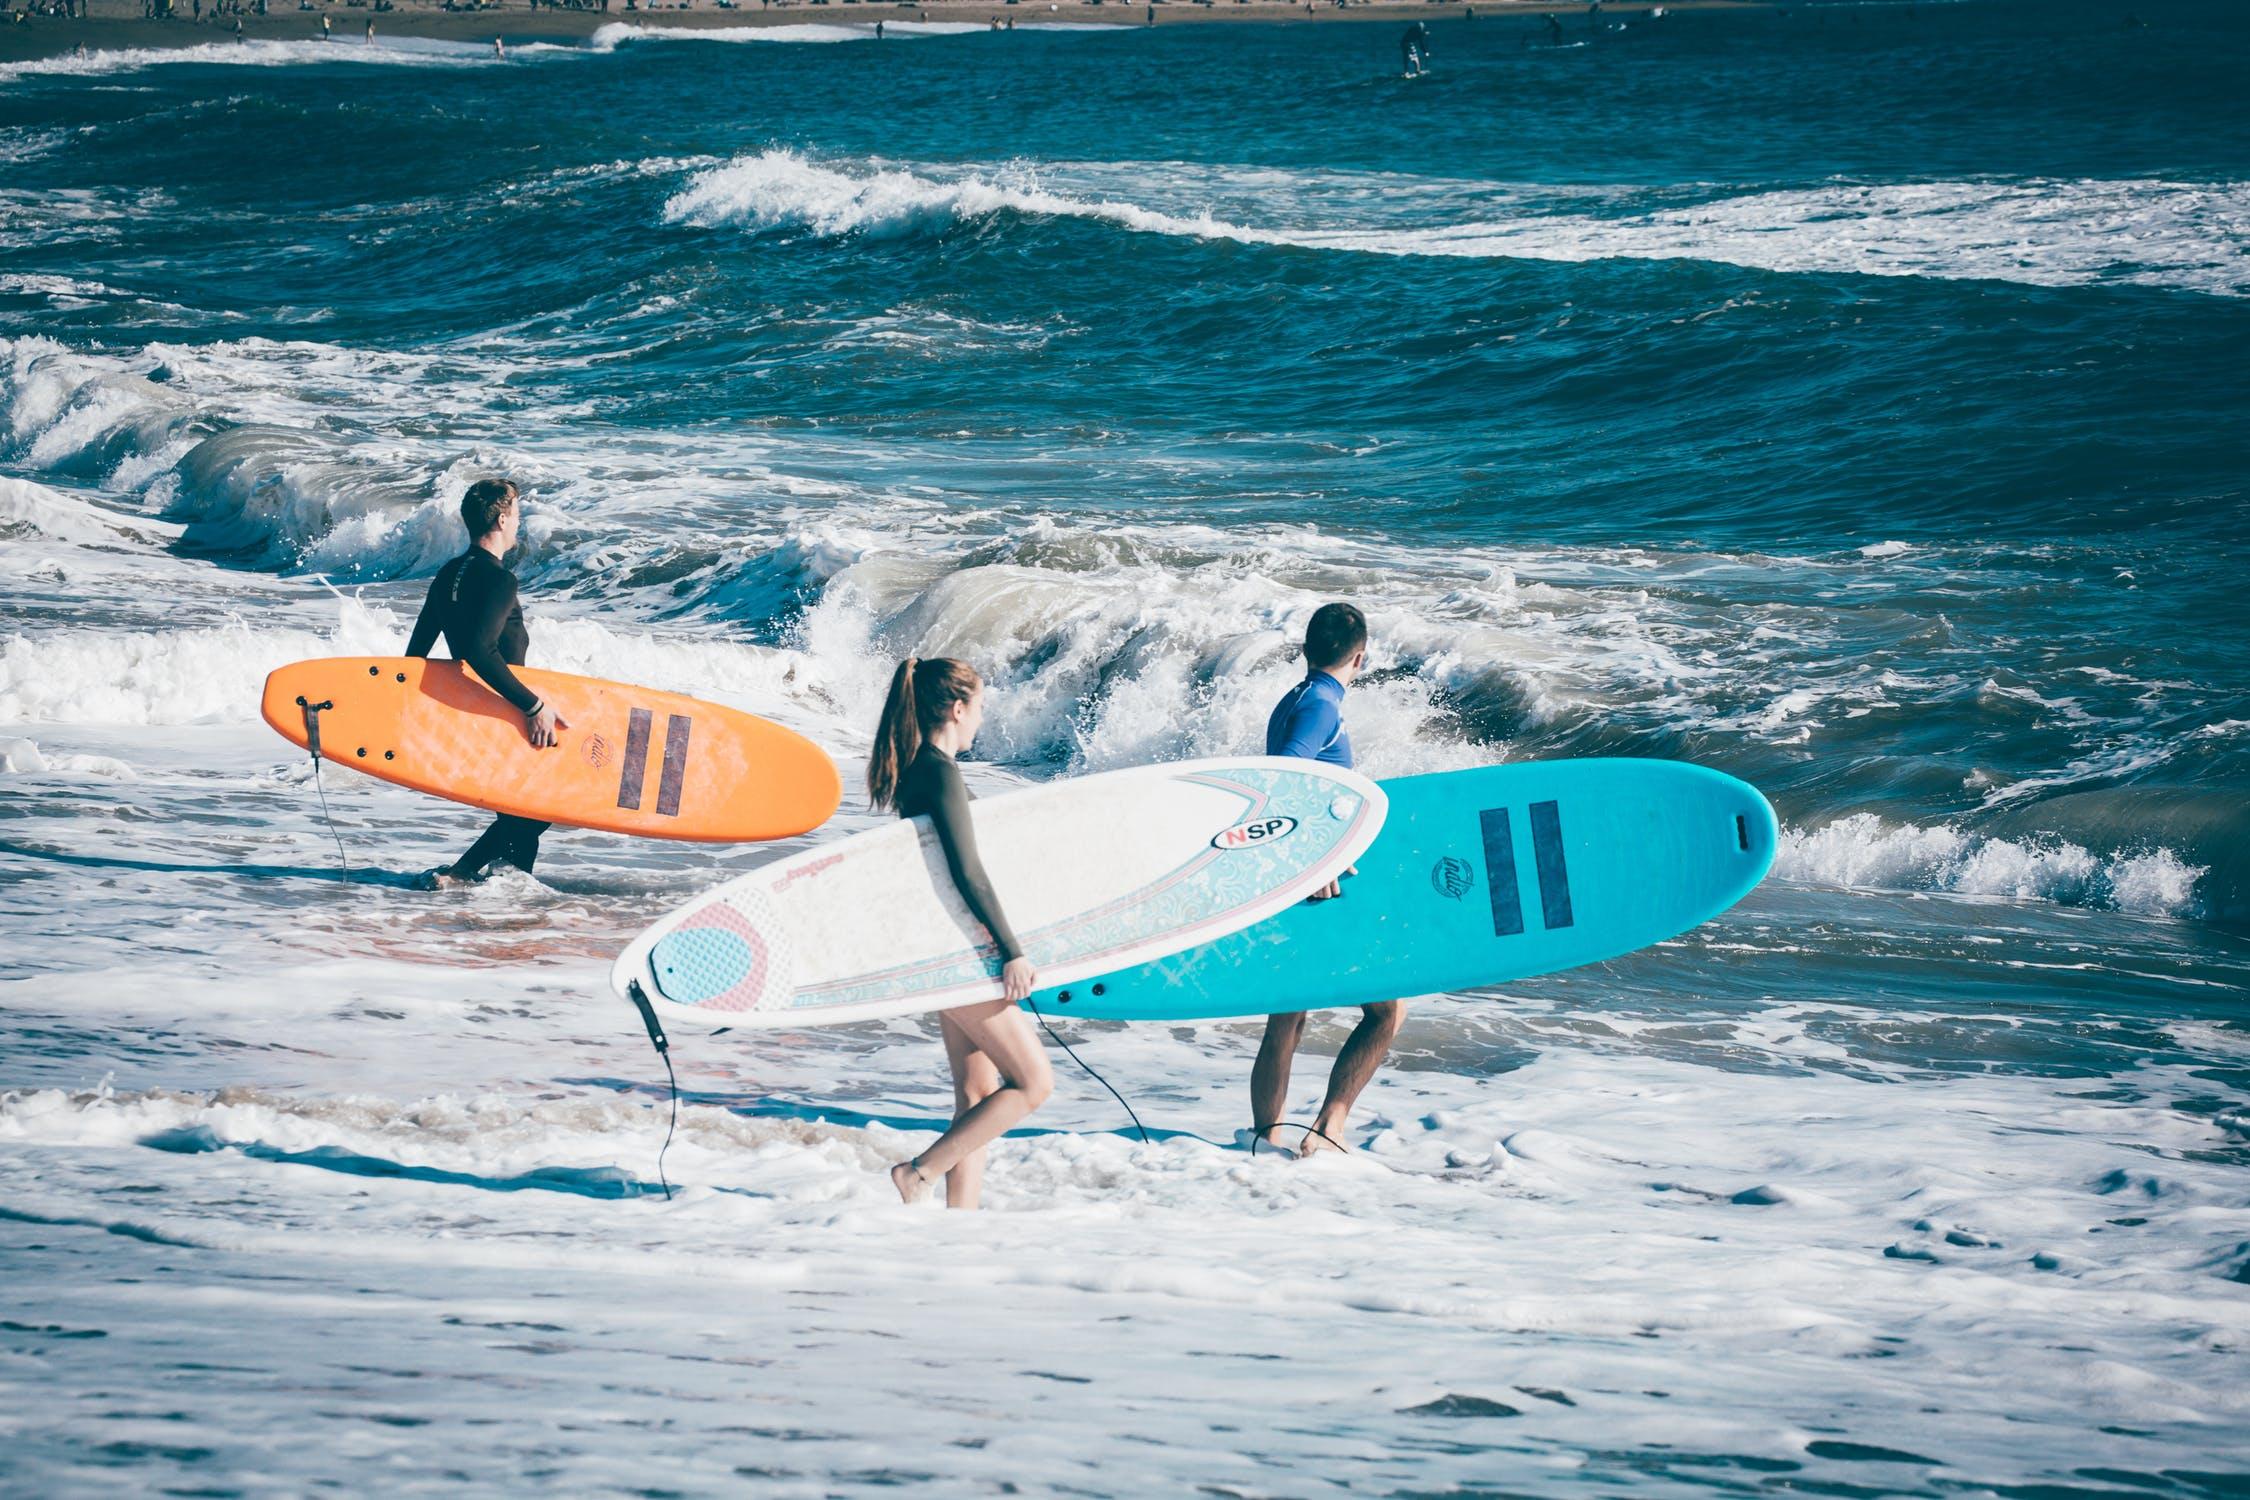 Surfeando en Portugal - Surfeando para todos